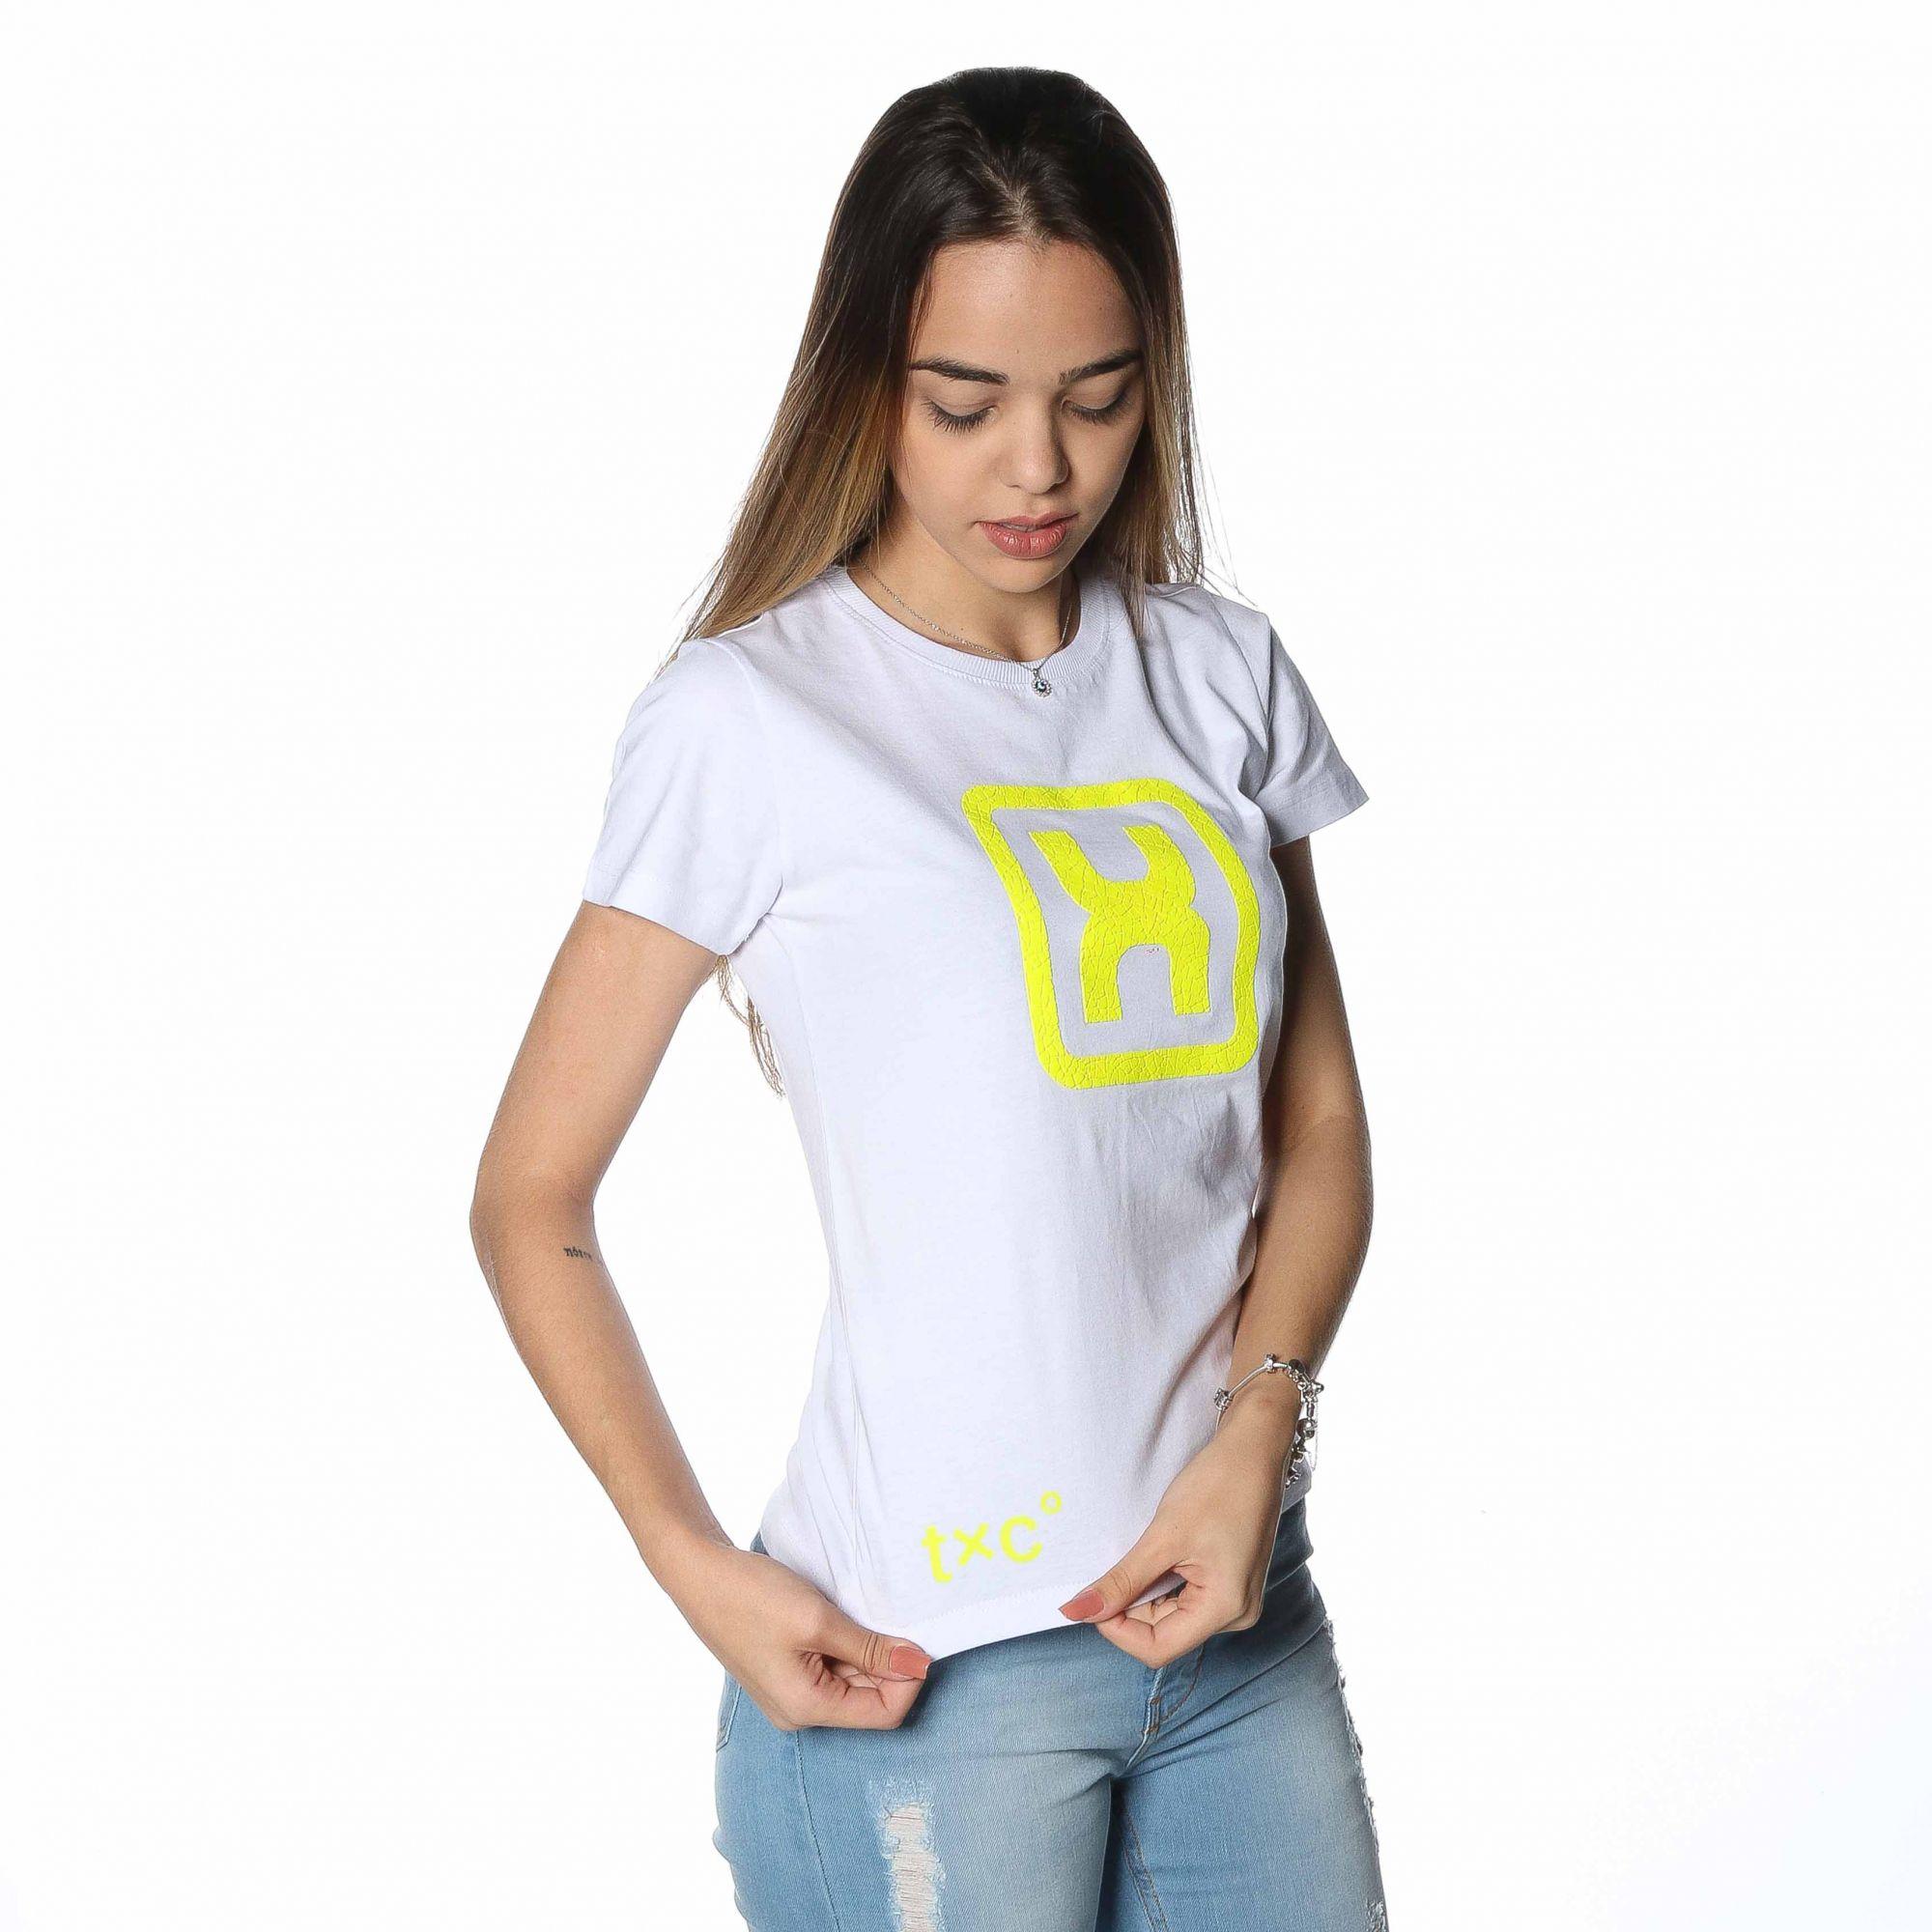 Camiseta TXC Brand 4512